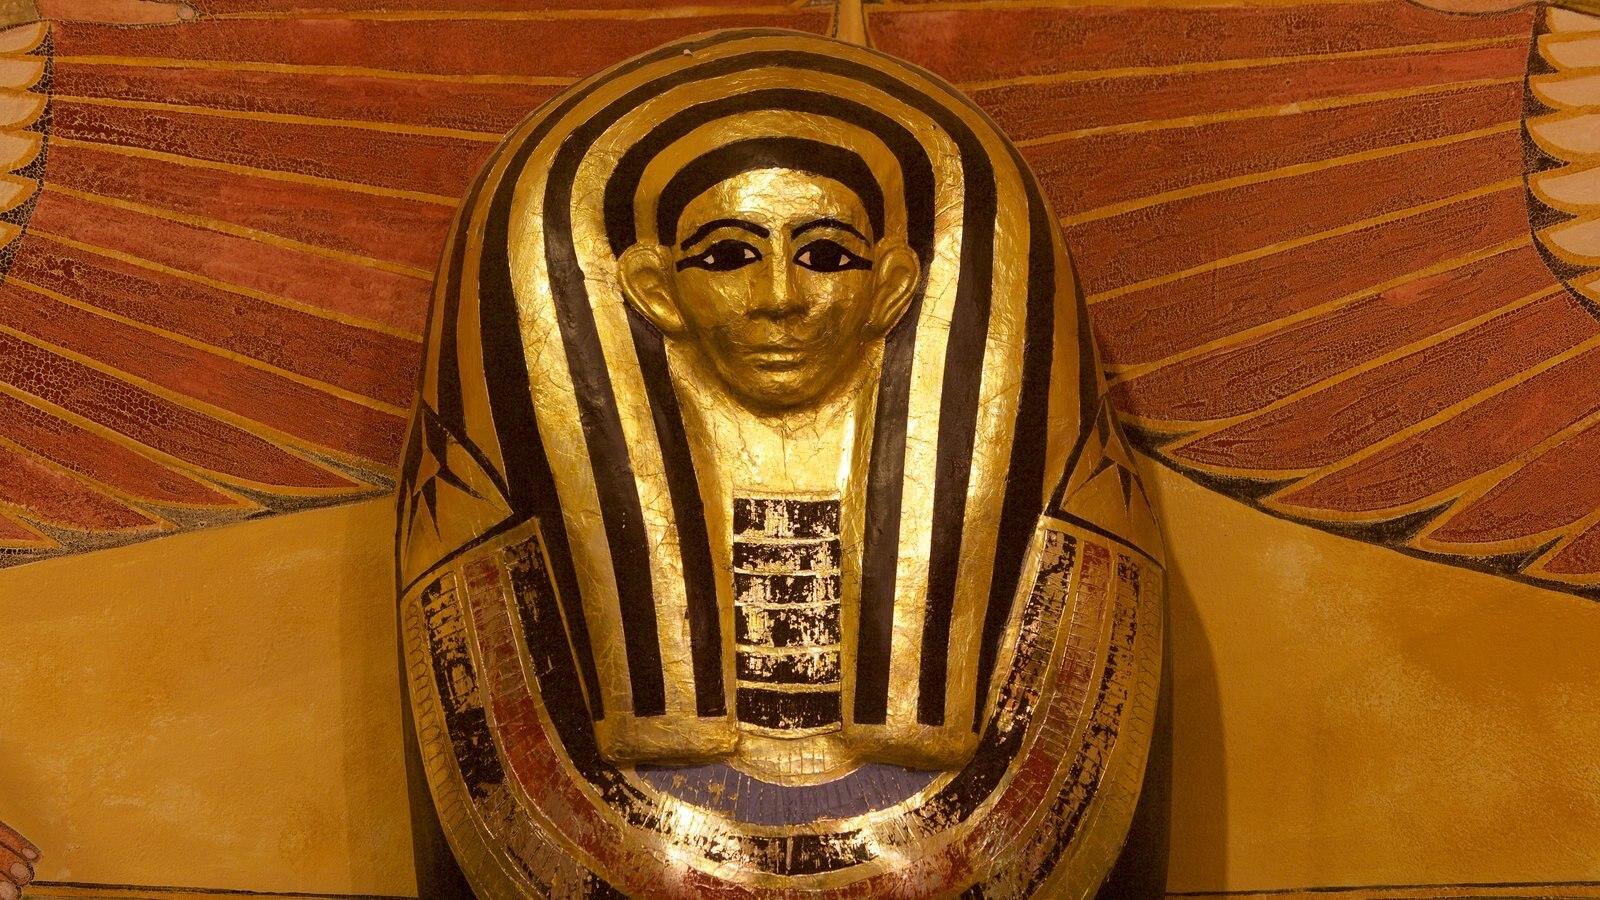 Tutankamon a exposição mostrando elementos de patrimônio e um monumento